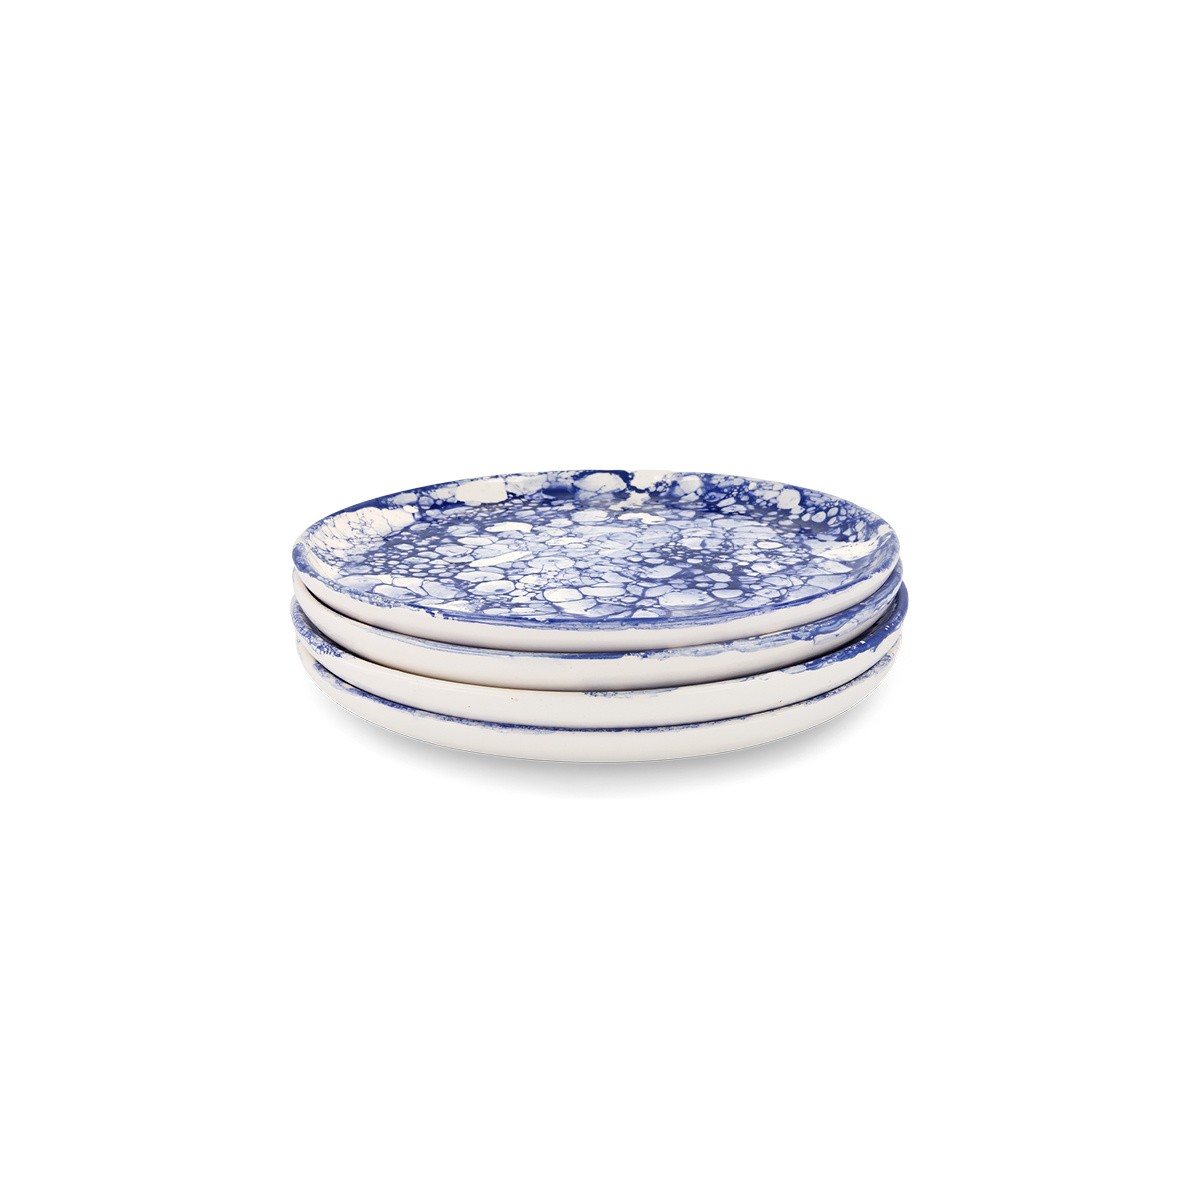 4 Blue Bolle Desert Plates